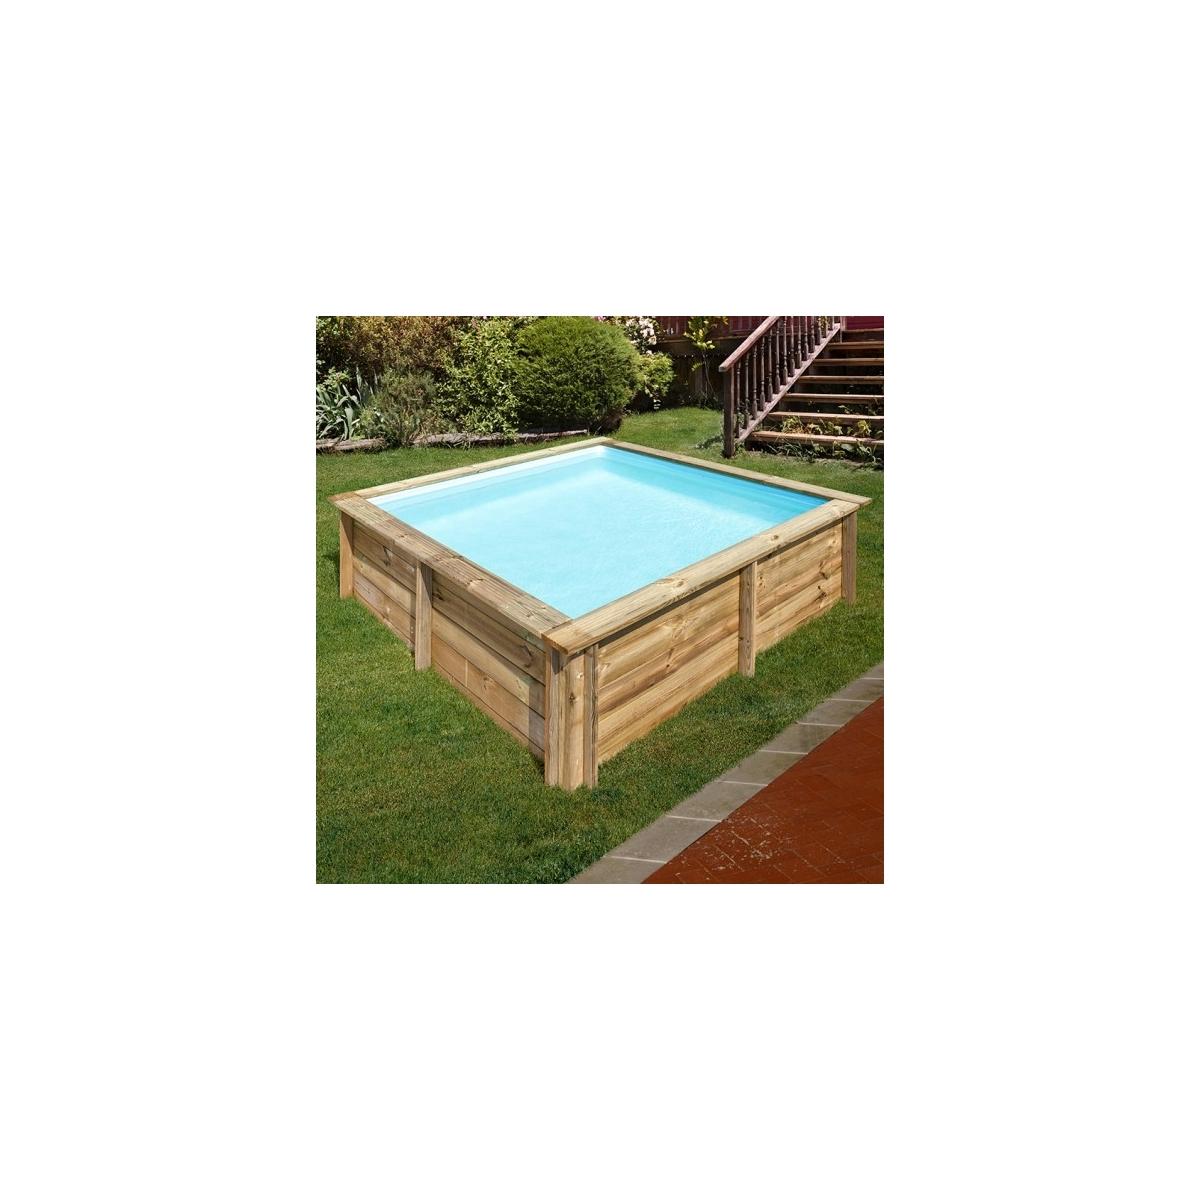 Piscina desmontable de madera Gre Sunbay City cuadrada 225x225x68